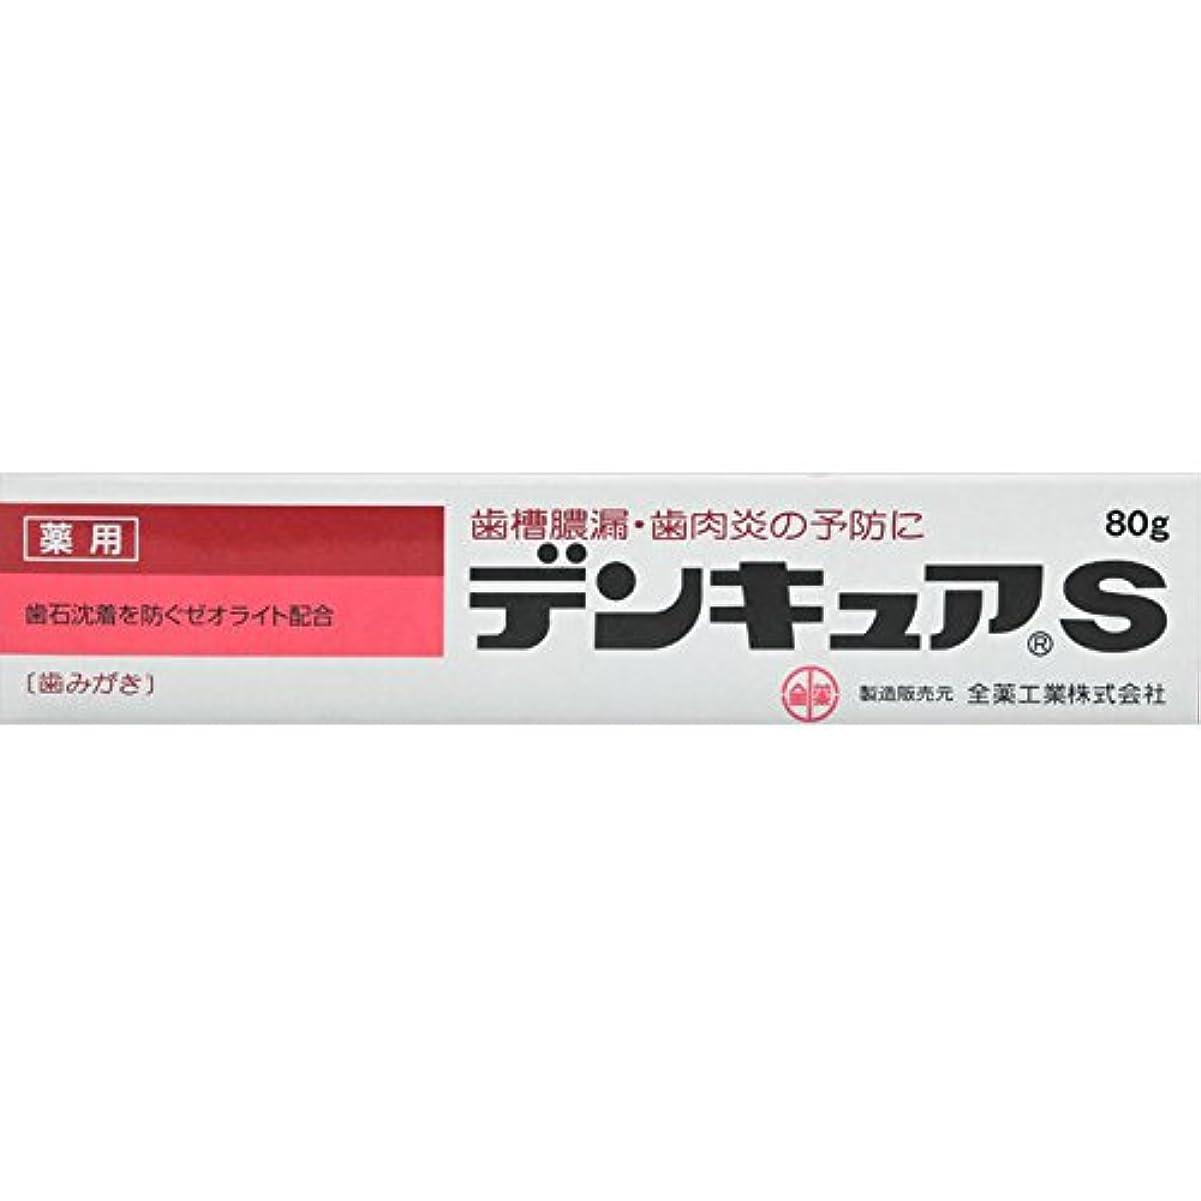 記憶に残る貪欲無謀全薬工業 デンキュアS 80g (医薬部外品)